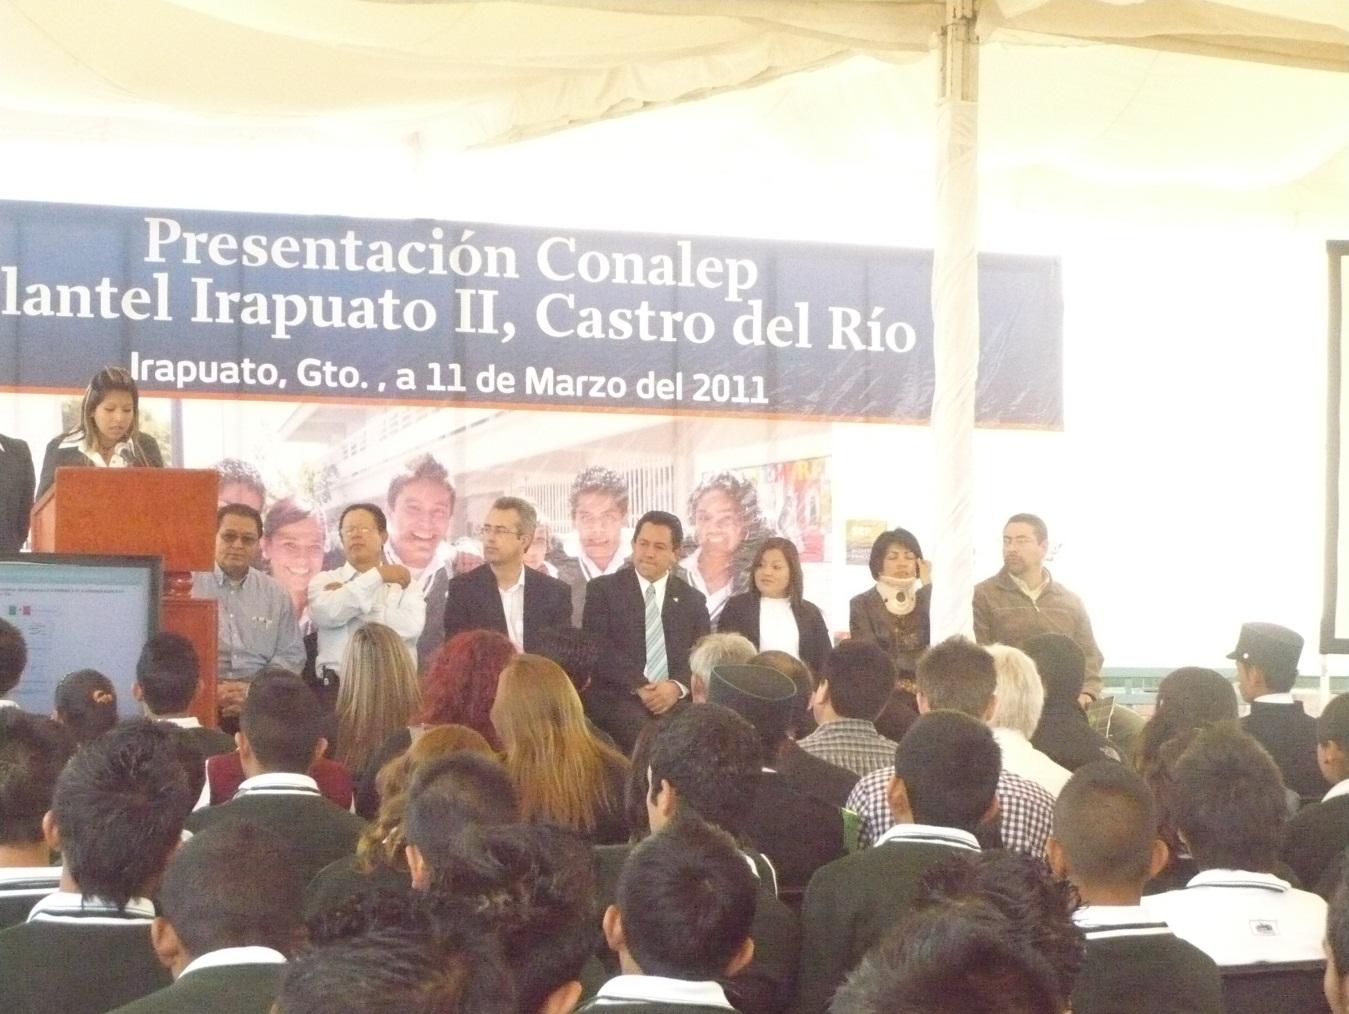 Conalep Guanajuato Noticias Presentan Conalep Plantel